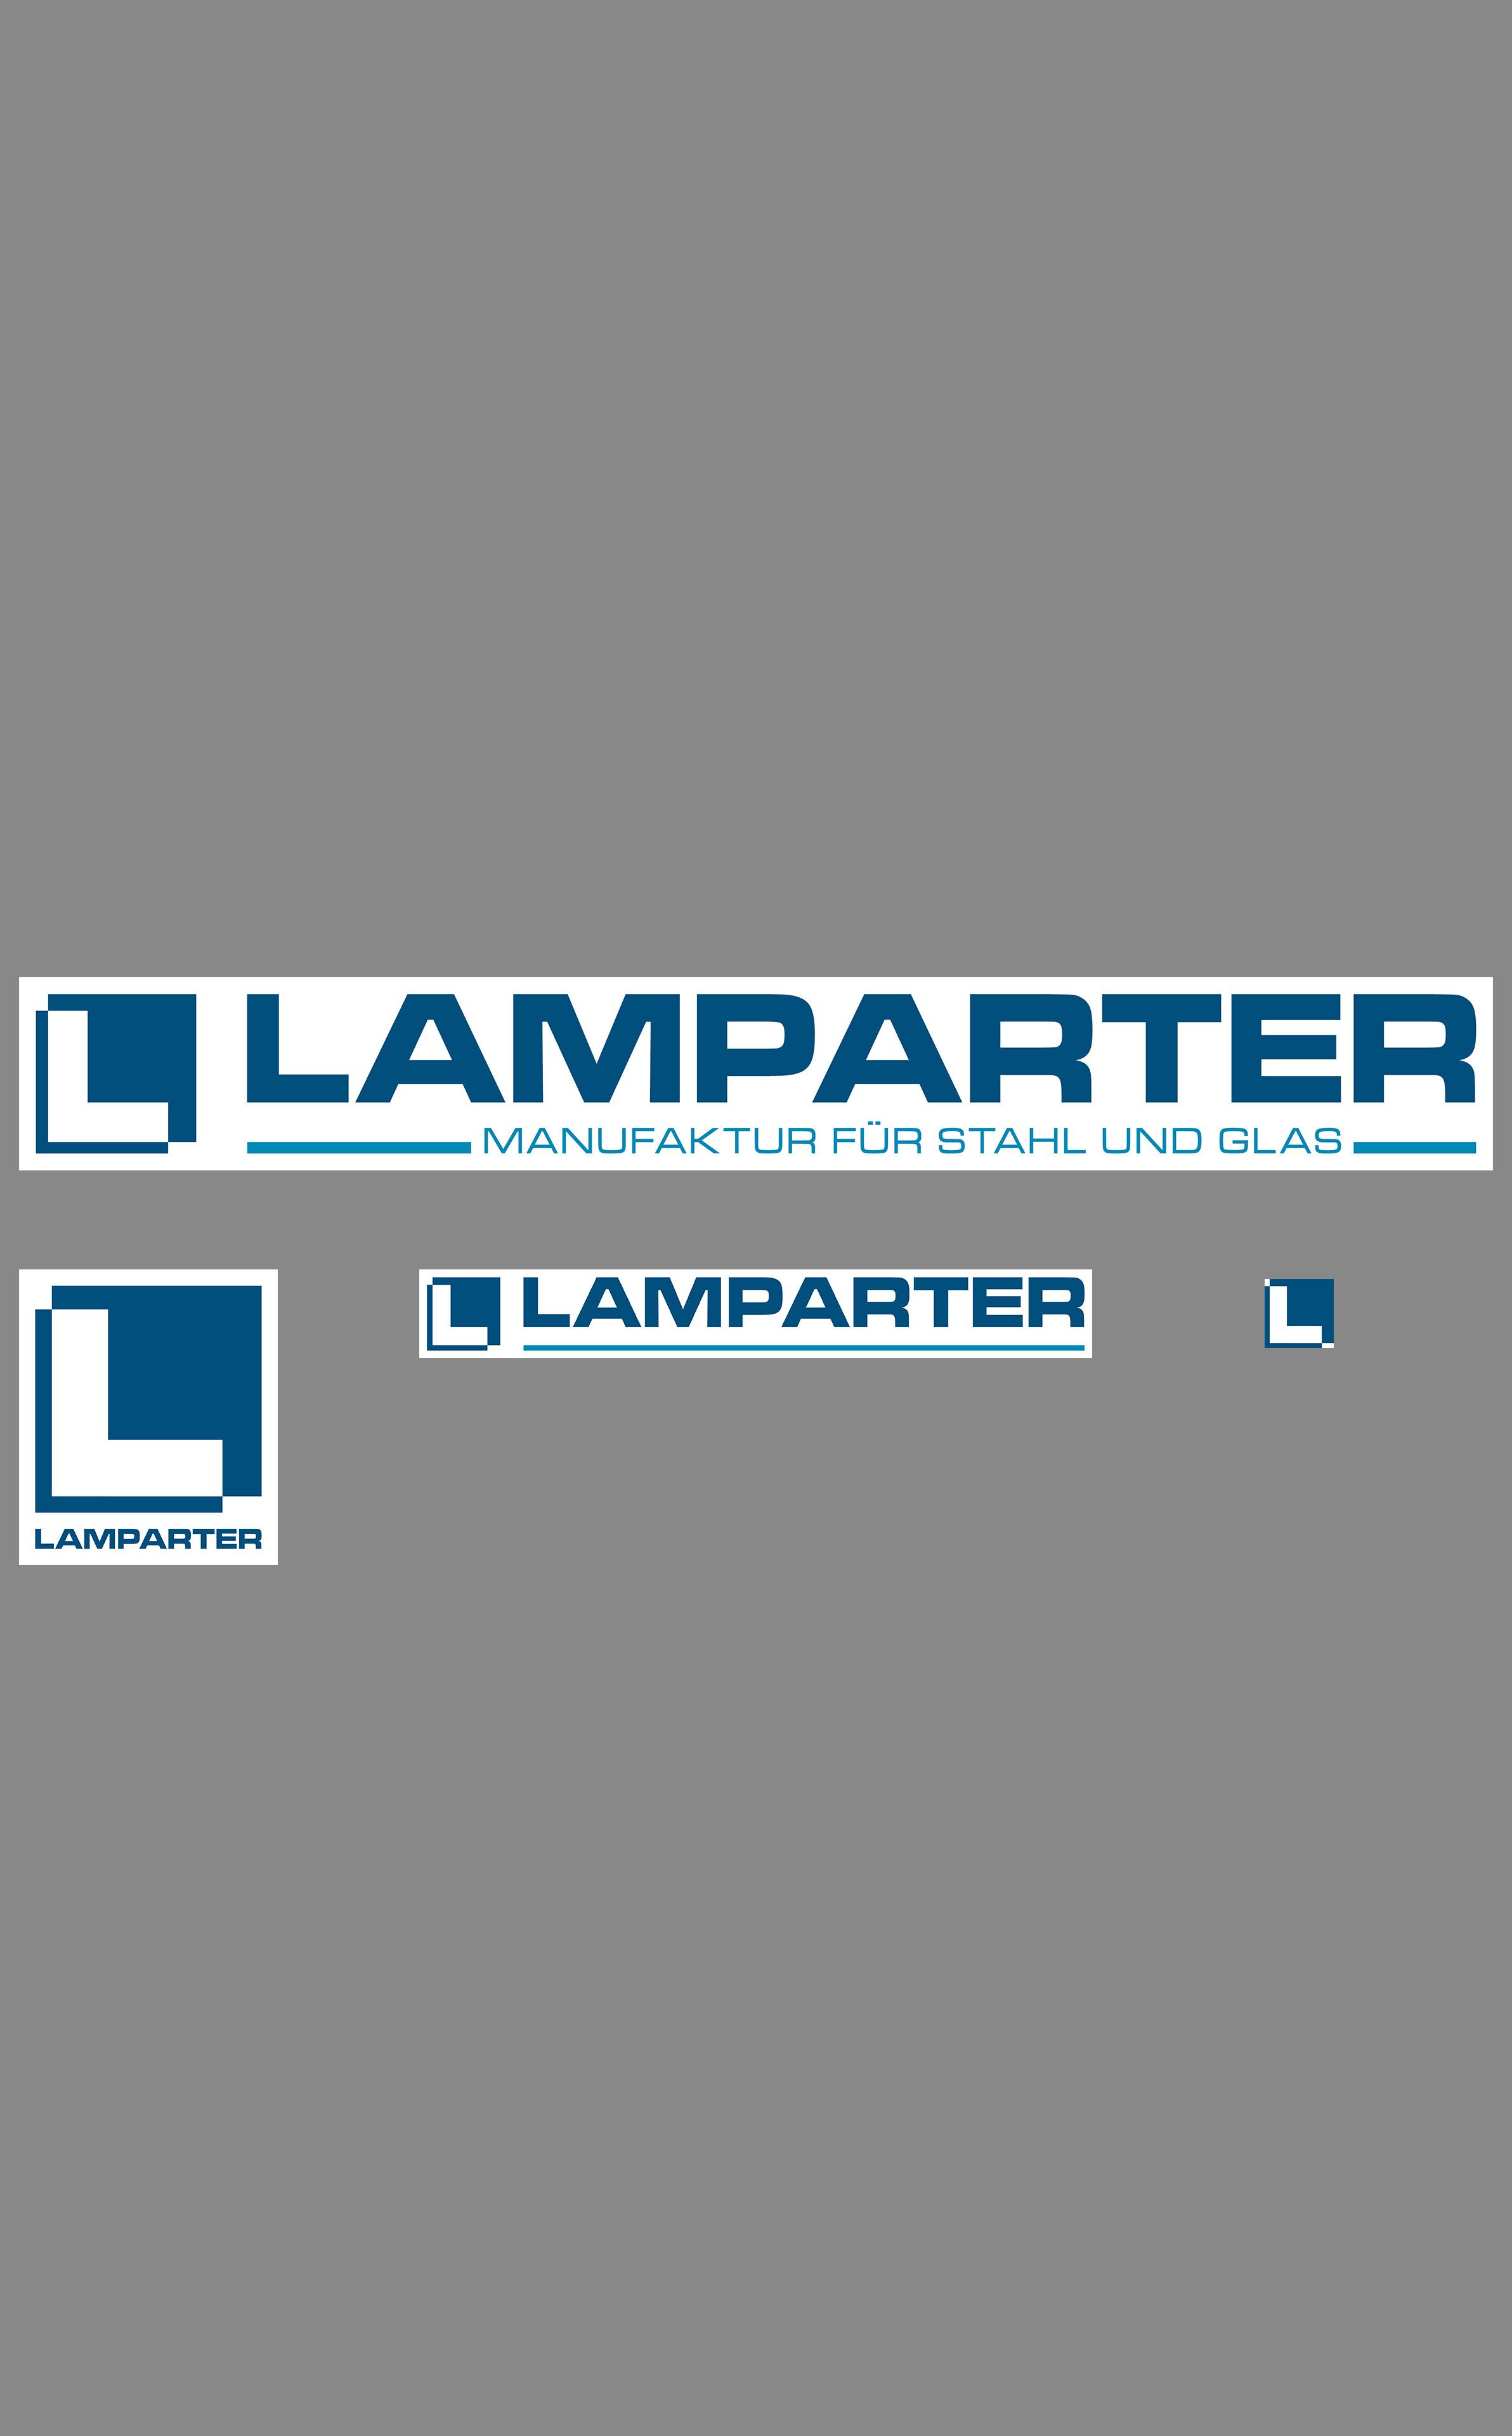 Neue Logos der Firma Heinrich Lamparter Stahlbau GmbH & Co. KG Kassel Kaufungen. Stand September 2017.